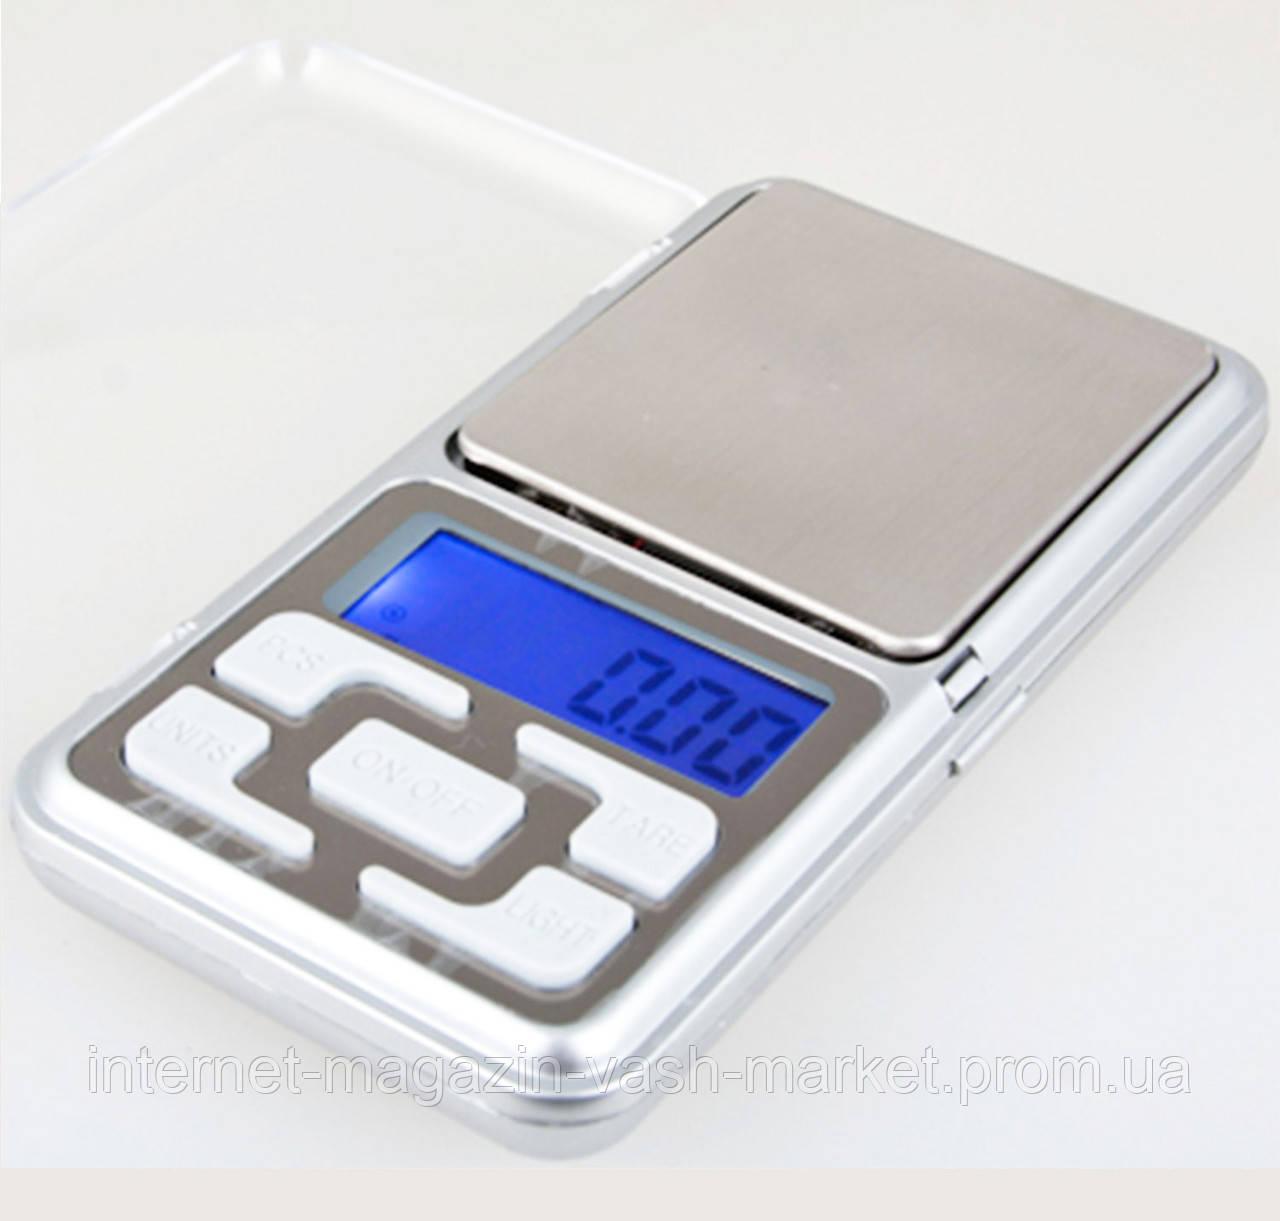 Карманные электронные ювелирные, кухонные весы до 500 гр! Сверх точные!, Акция